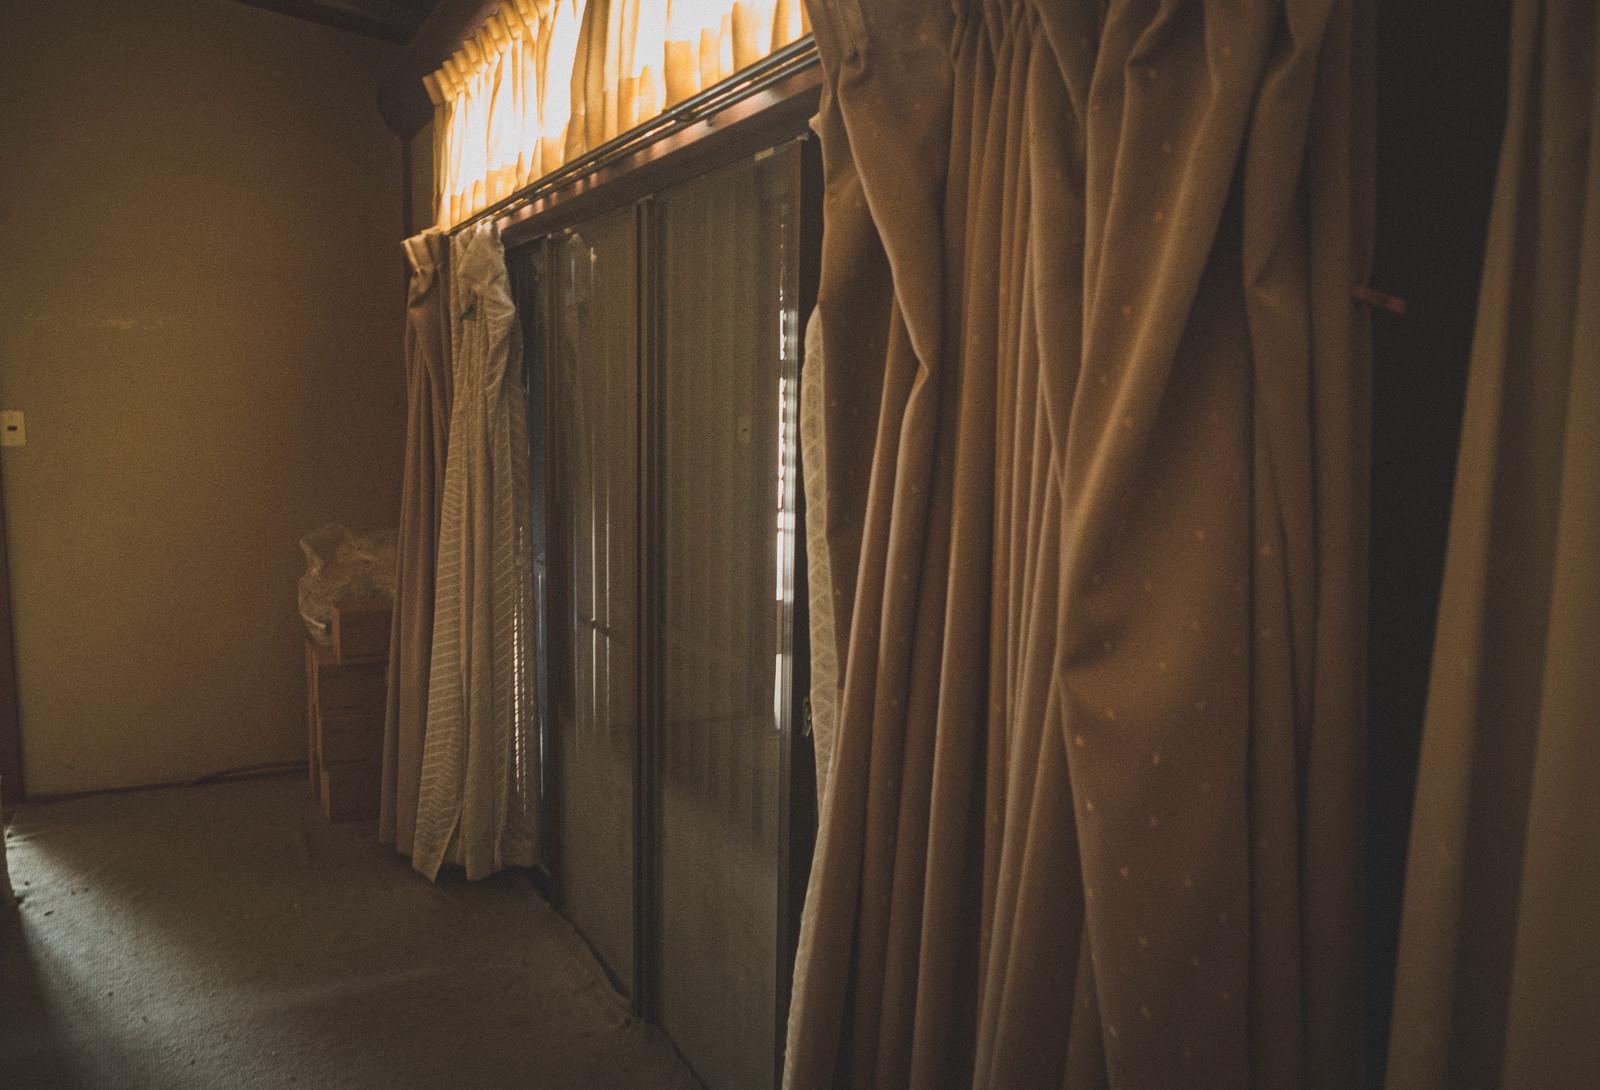 「閉め切った空き家のカーテン」の写真